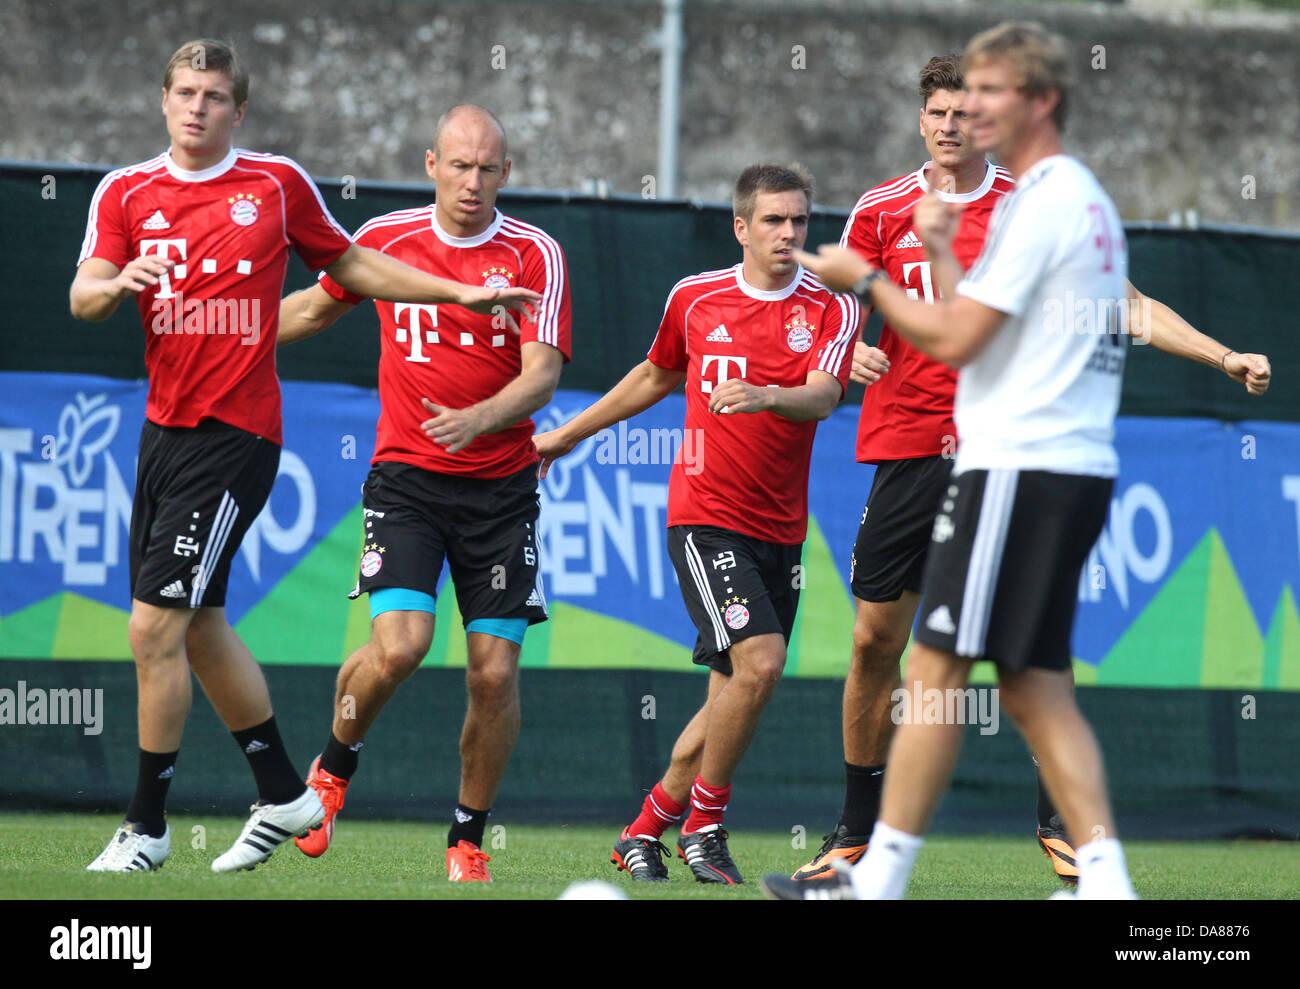 Bayerns Toni Kroos (v.l.), Arjen Robben, Philipp Lahm und Mario Gomez trainieren am 07.07.2013 im italienischen - Stock Image